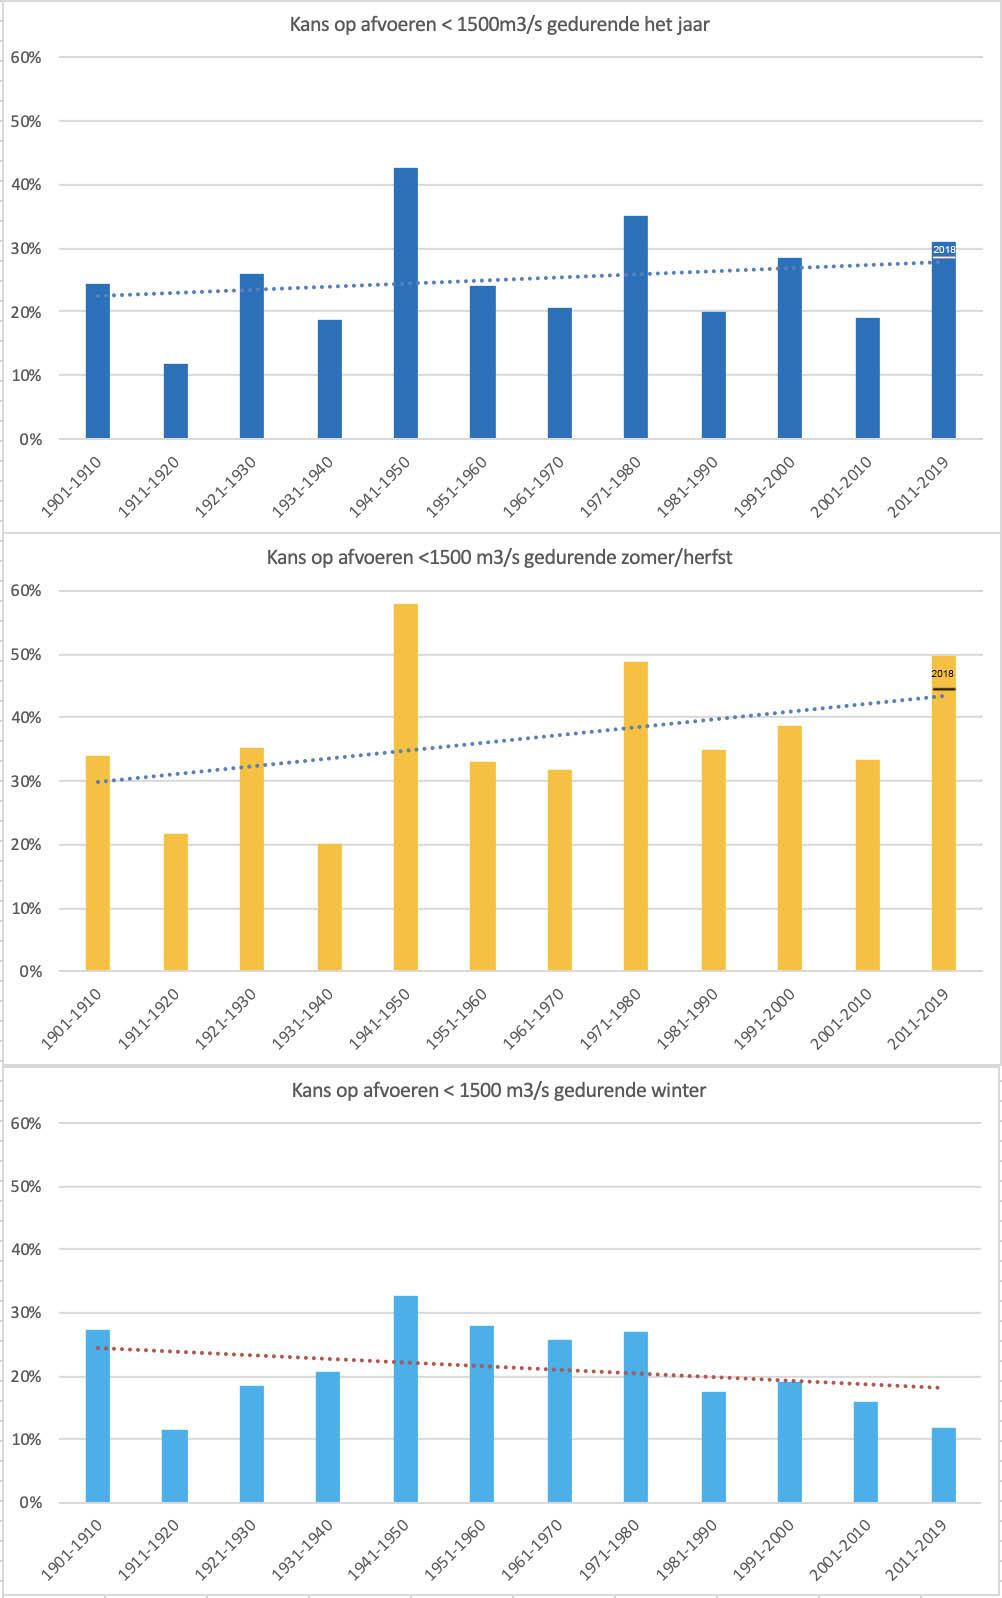 De kans dat een lage (< 1.500 m3/s) afvoer optreedt in de Rijn per decade vanaf 1901; gedurende het hele jaar (boven), gedurende de periode juli t/m november (midden) en gedurende de periode december t/m februari (onder).